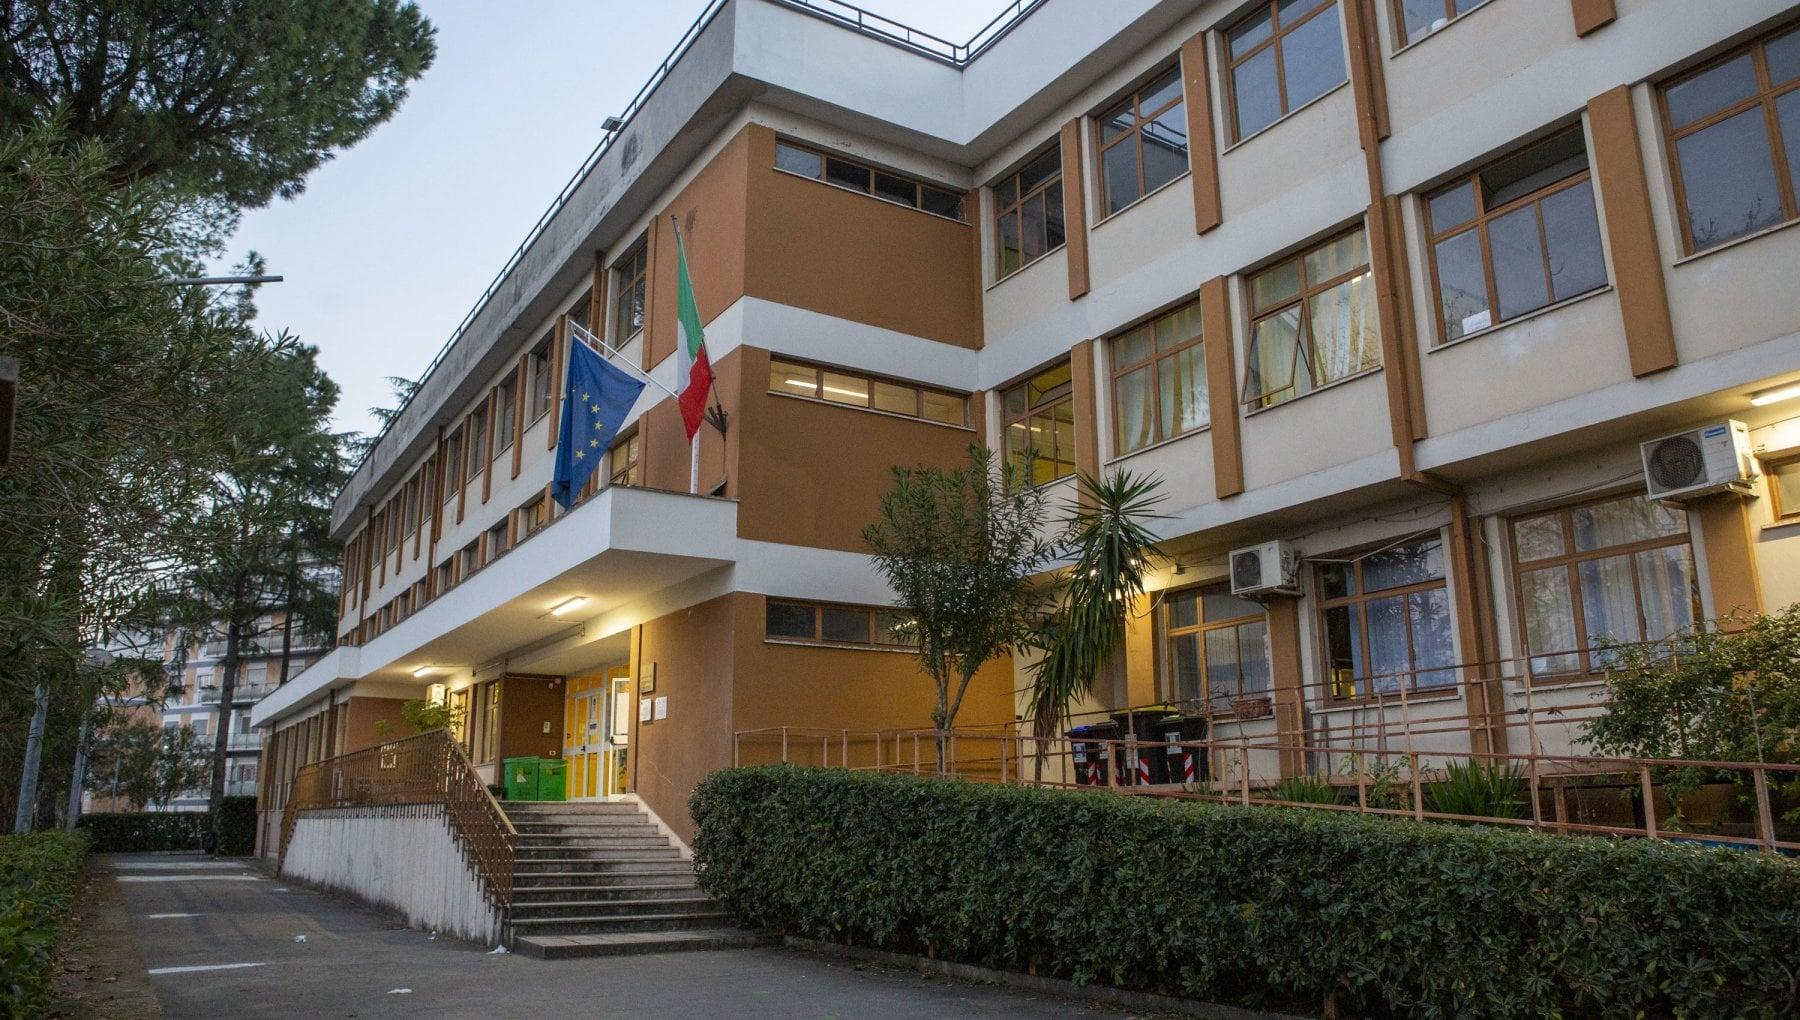 Scuola e università - La Repubblica